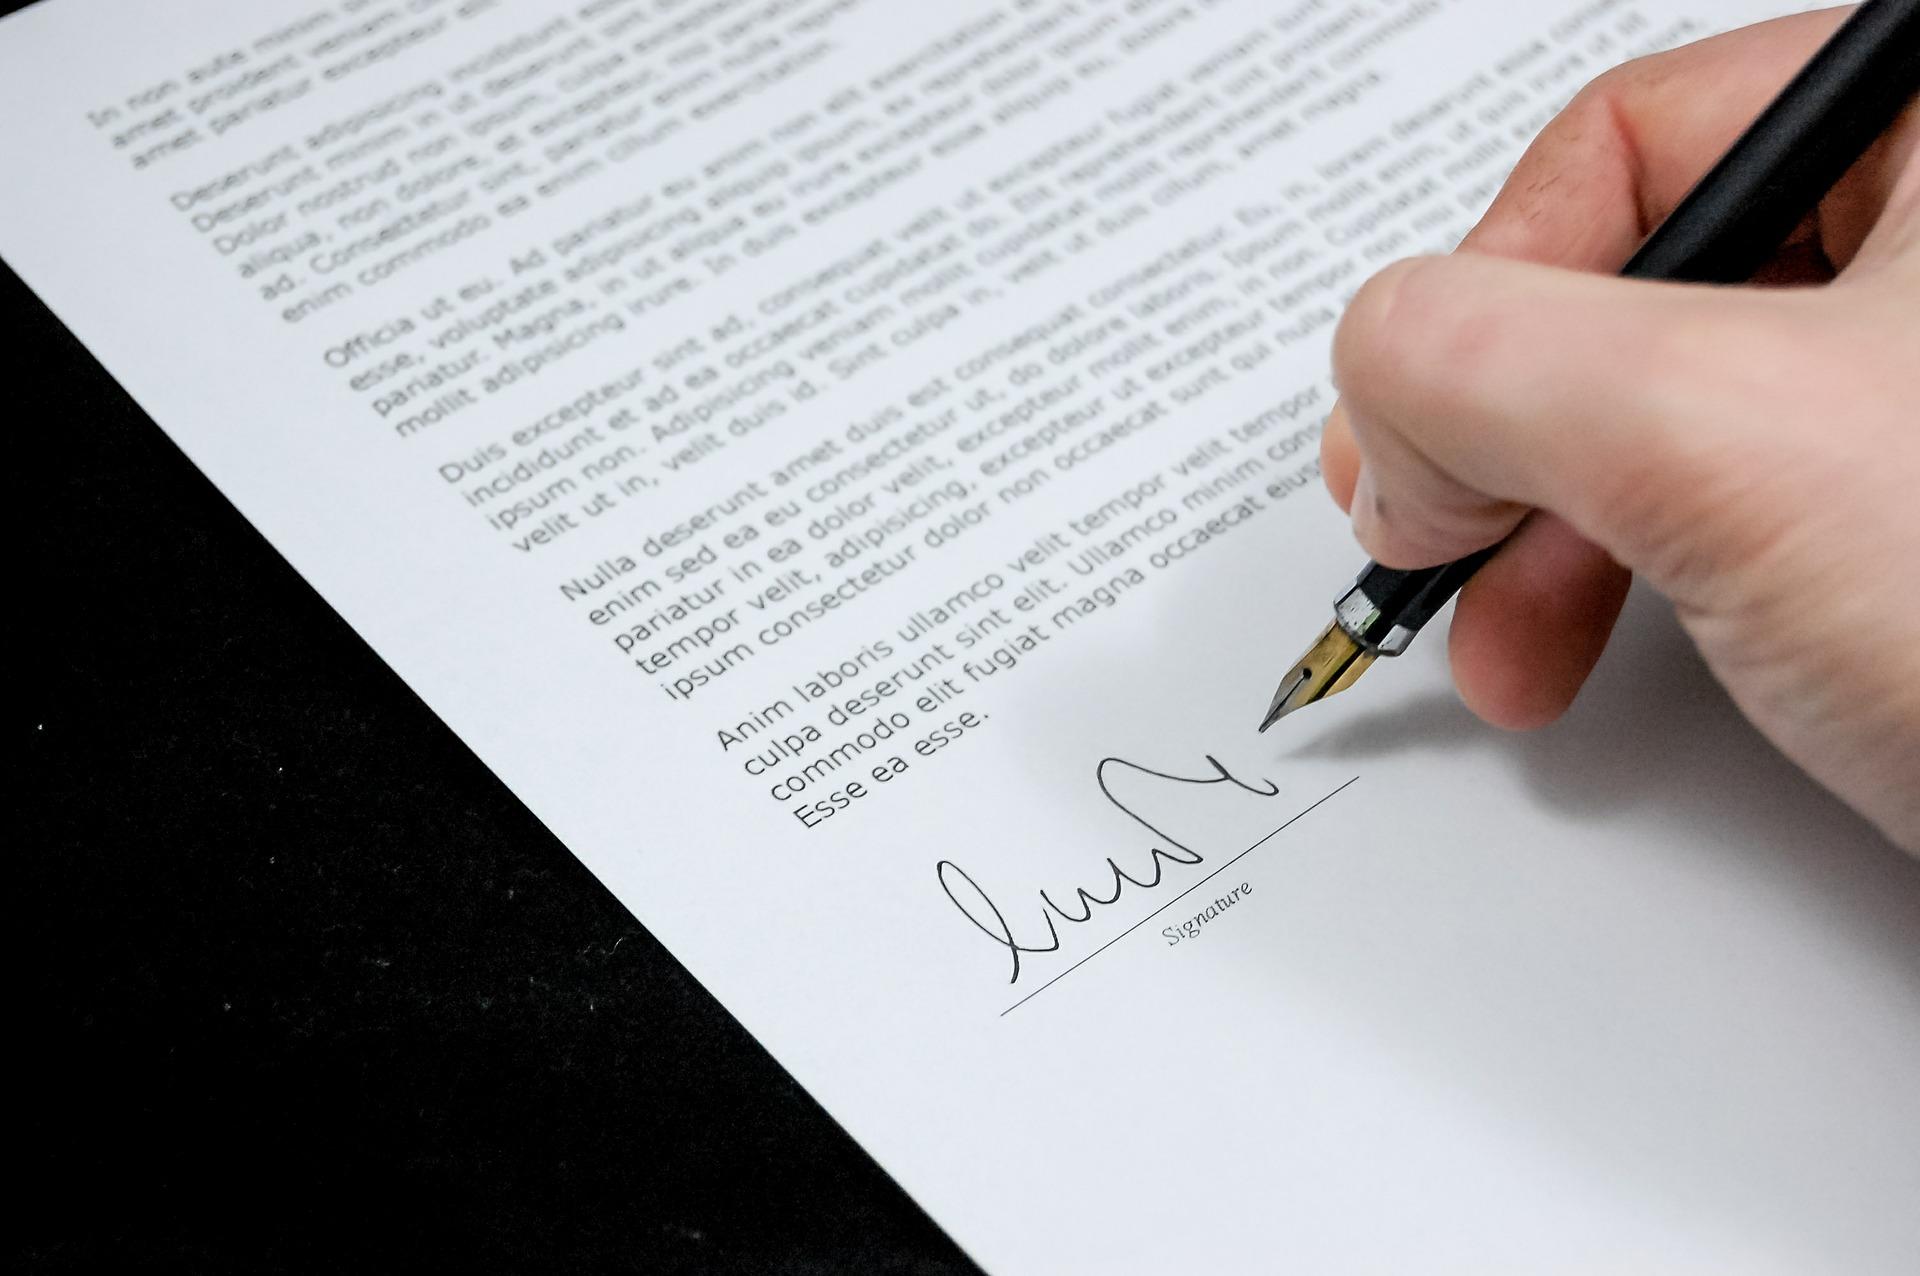 リスティング広告代理店との契約のポイント